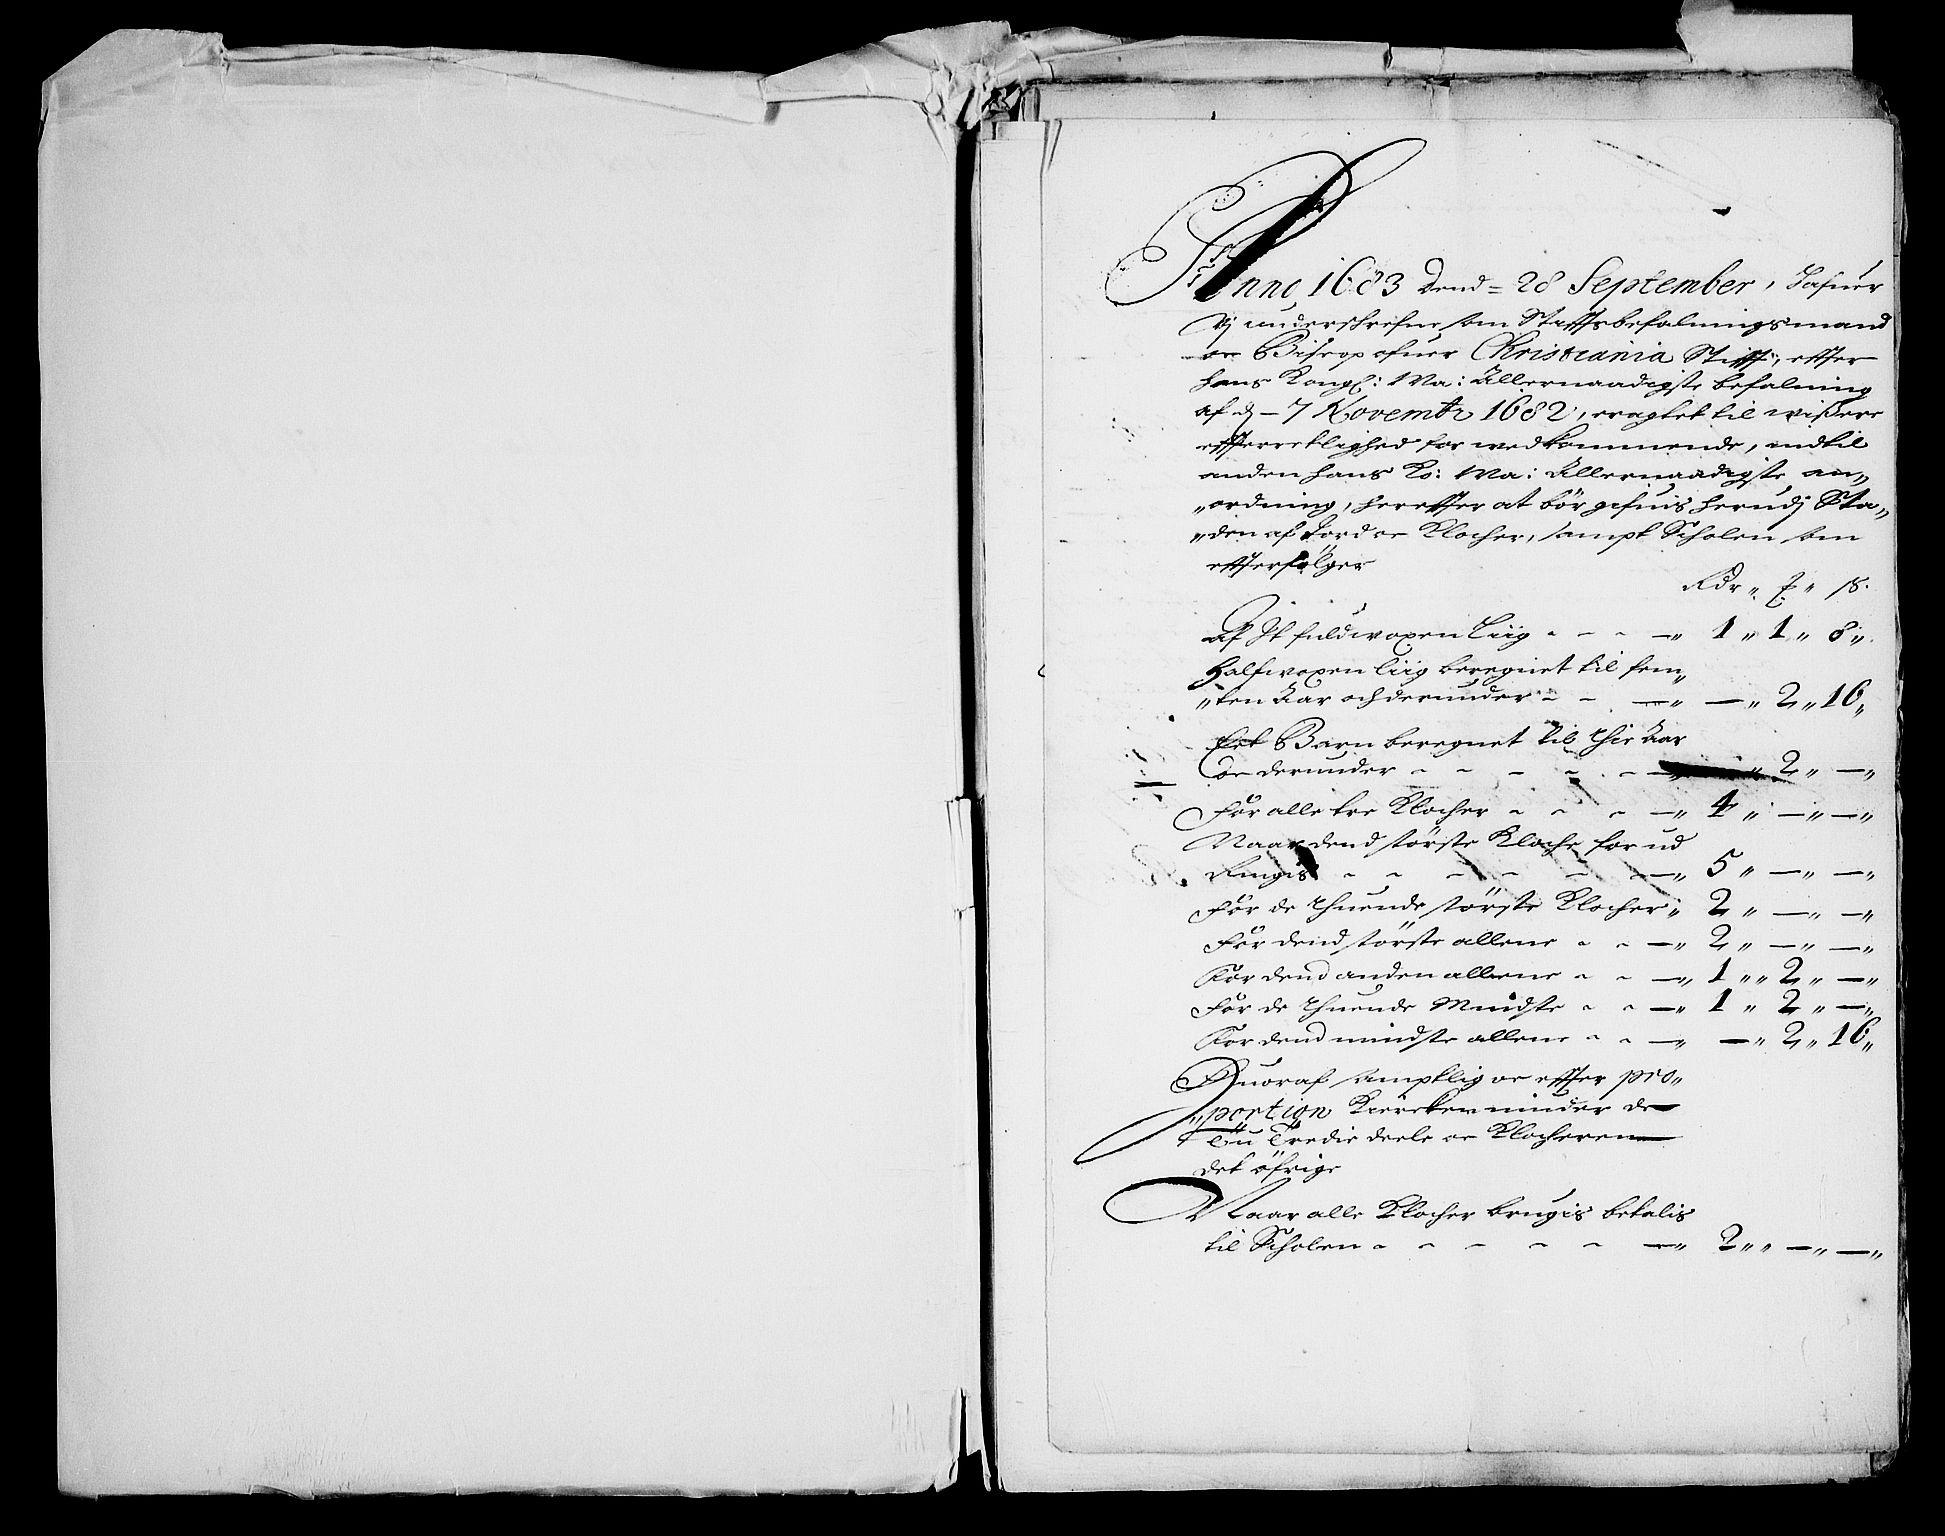 RA, Danske Kanselli, Skapsaker, G/L0019: Tillegg til skapsakene, 1616-1753, s. 207